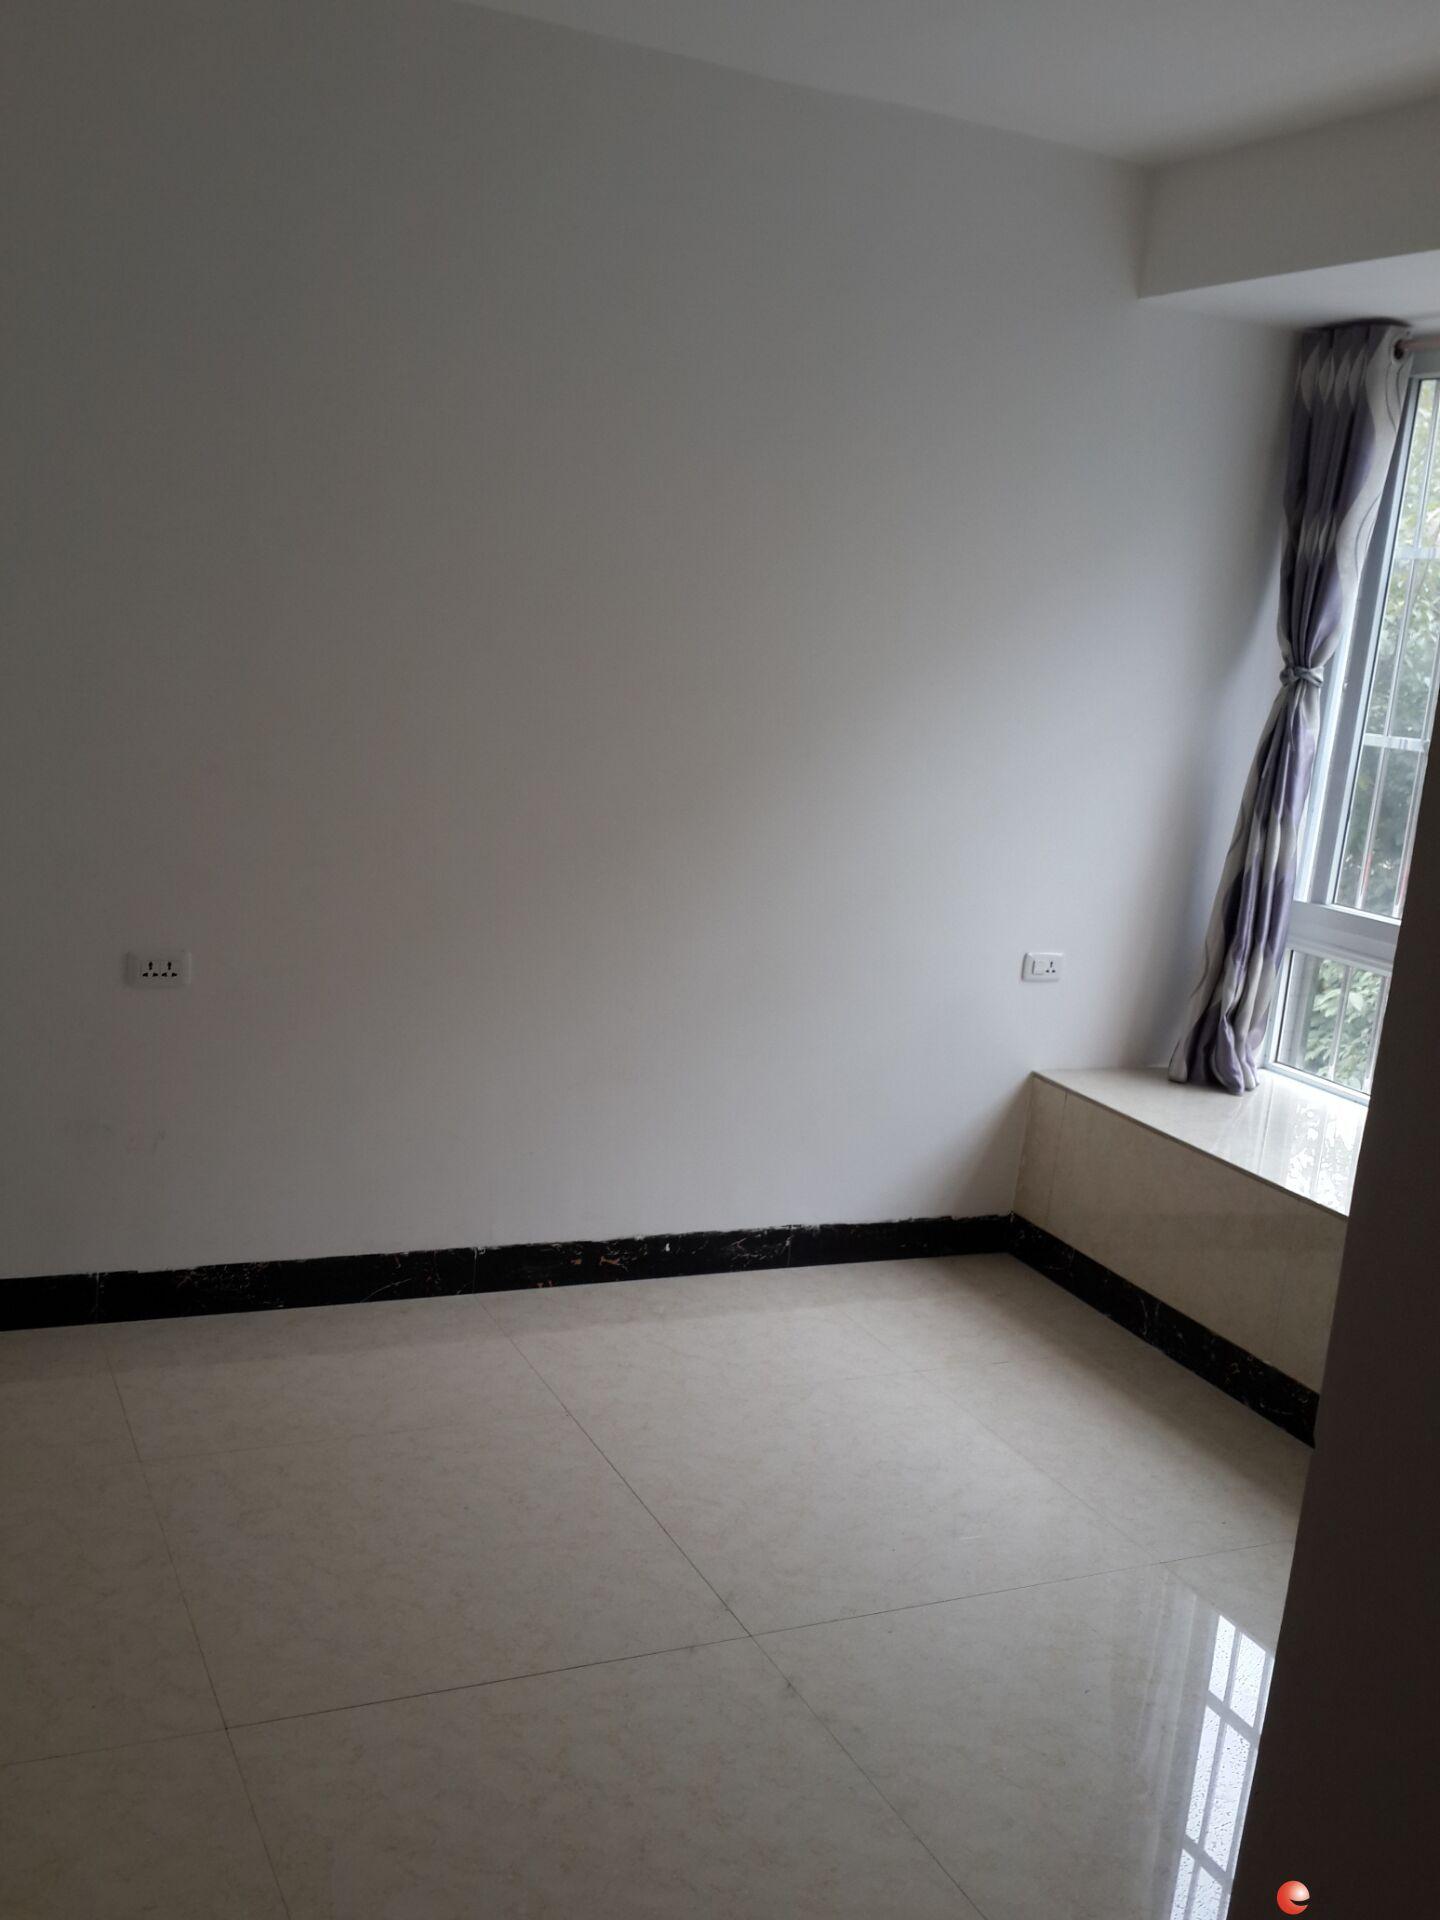 安厦世纪城三楼三房二厅一卫103平方新房出租